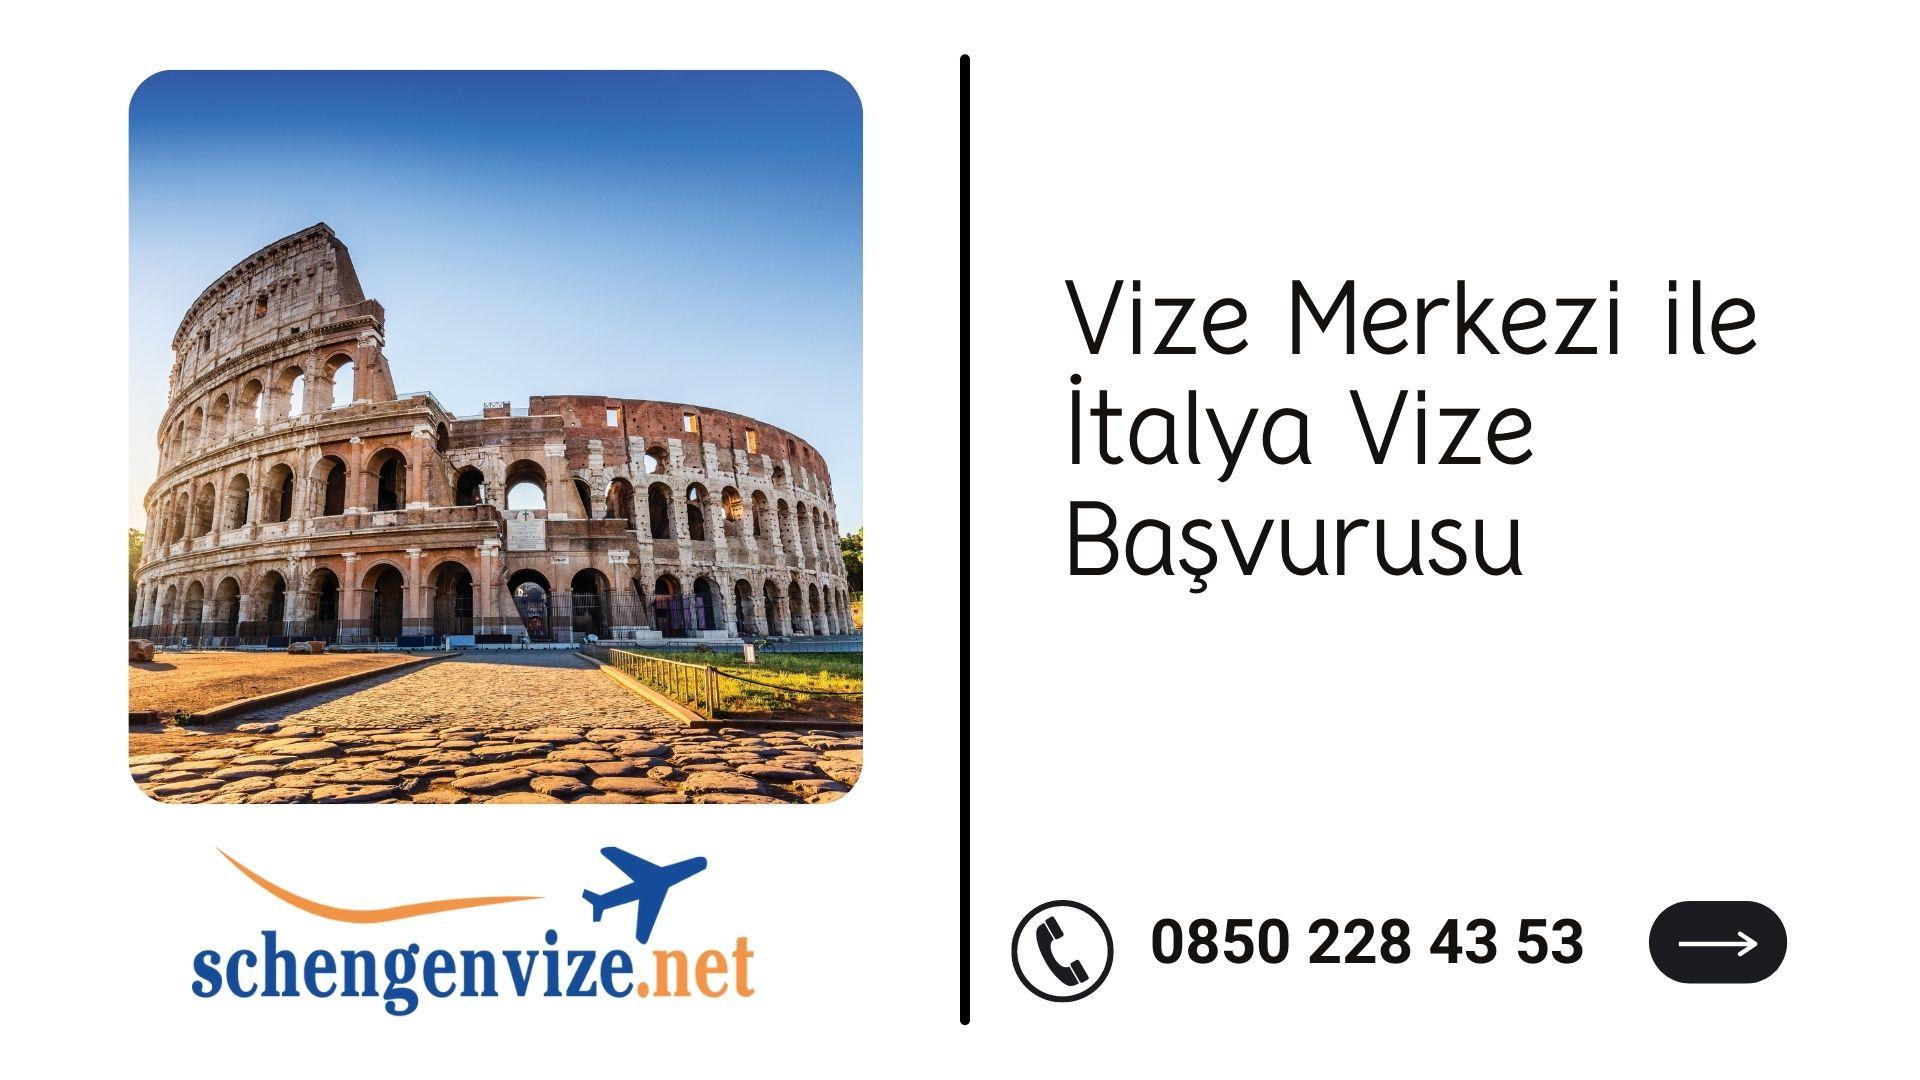 Vize Merkezi ile İtalya Vize Başvurusu